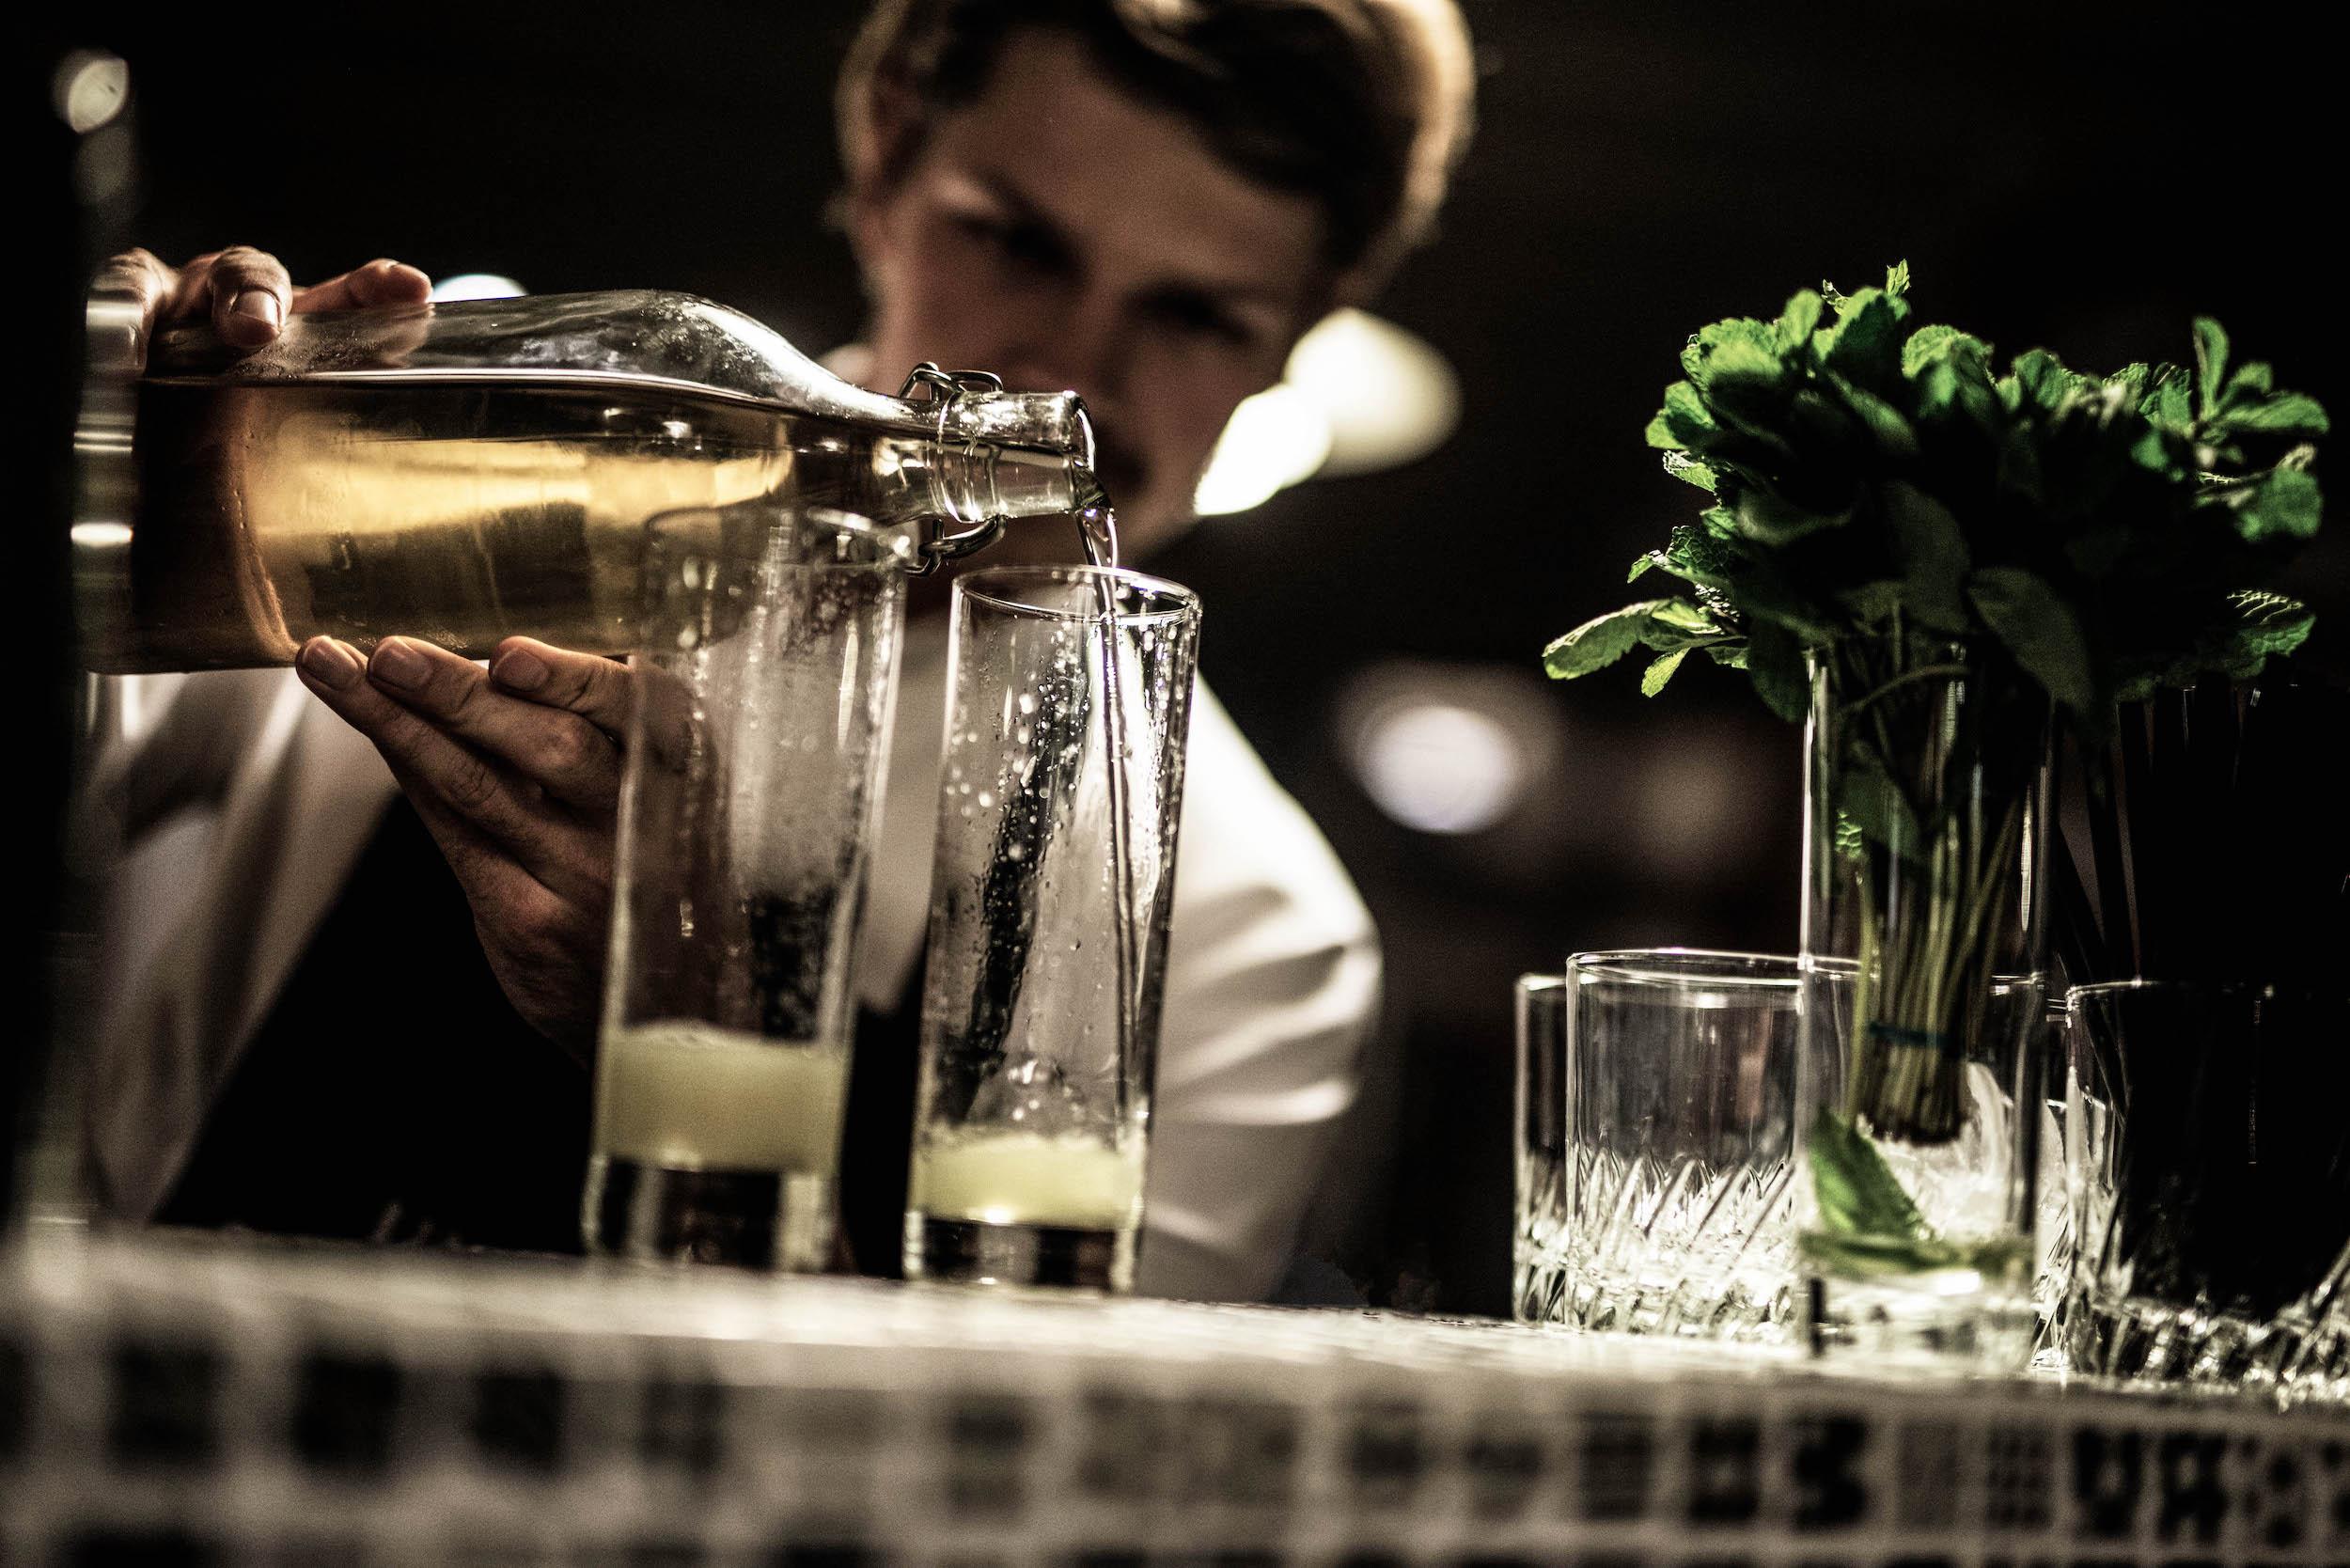 Lej en bartender - cocktails - Liv kastrup-3736.jpg